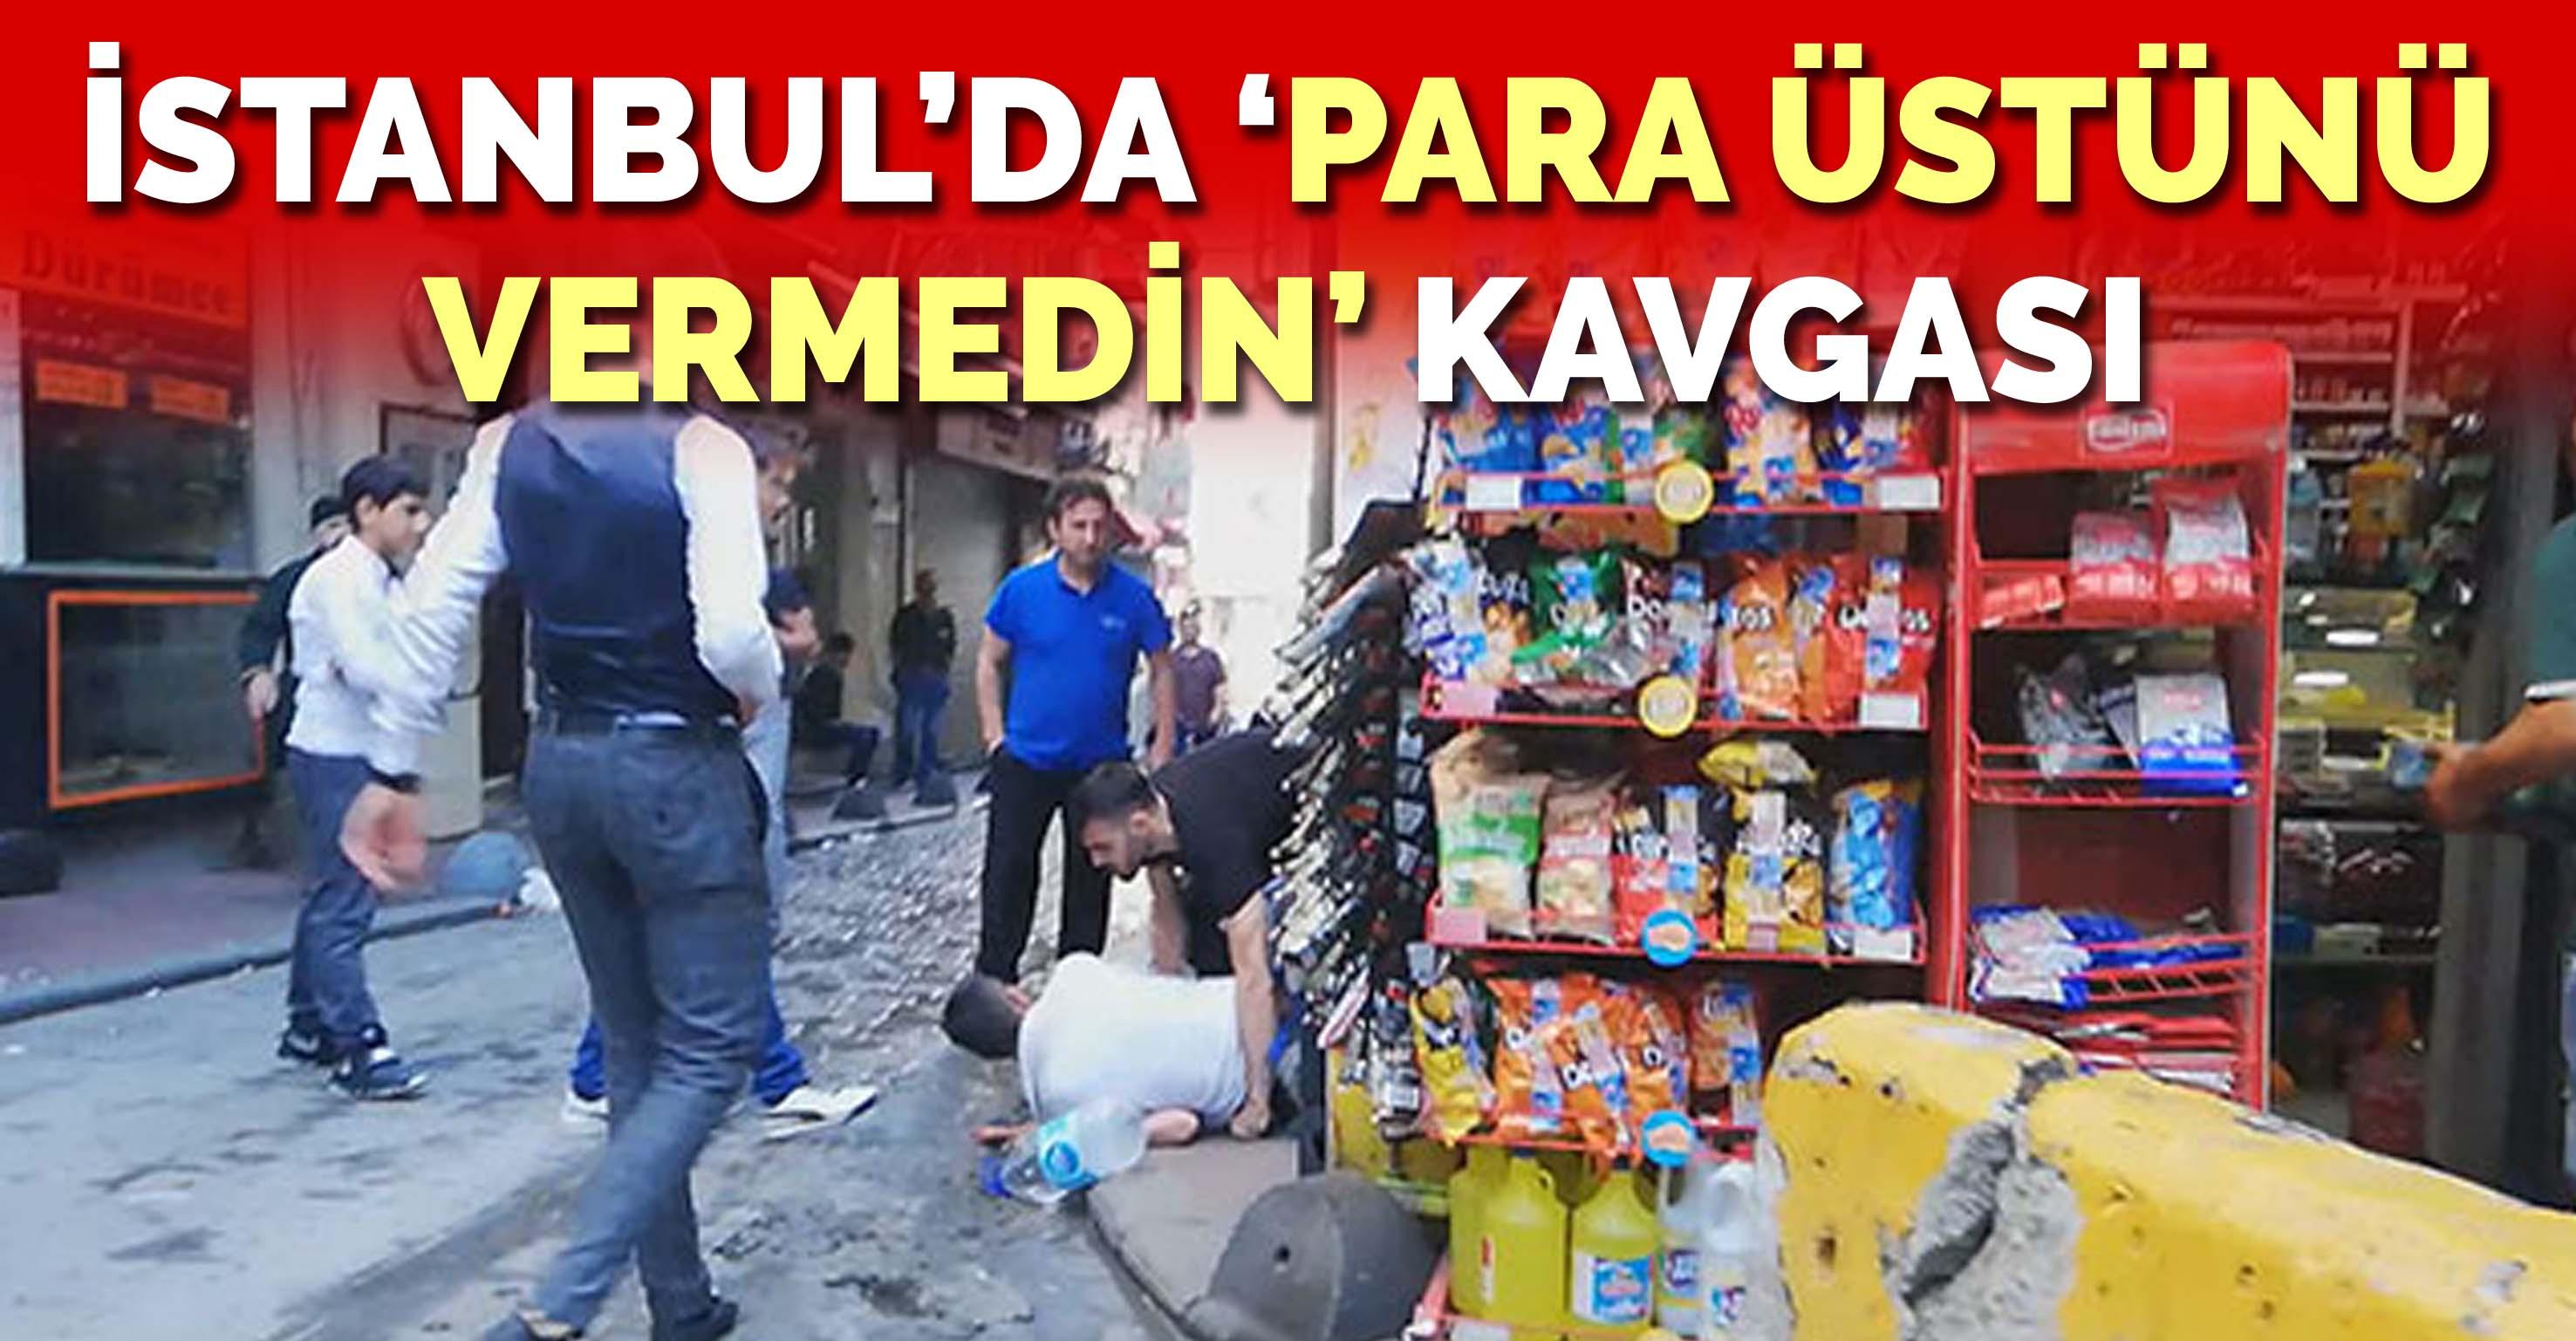 İstanbul'da 'para üstünü vermedin' kavgası